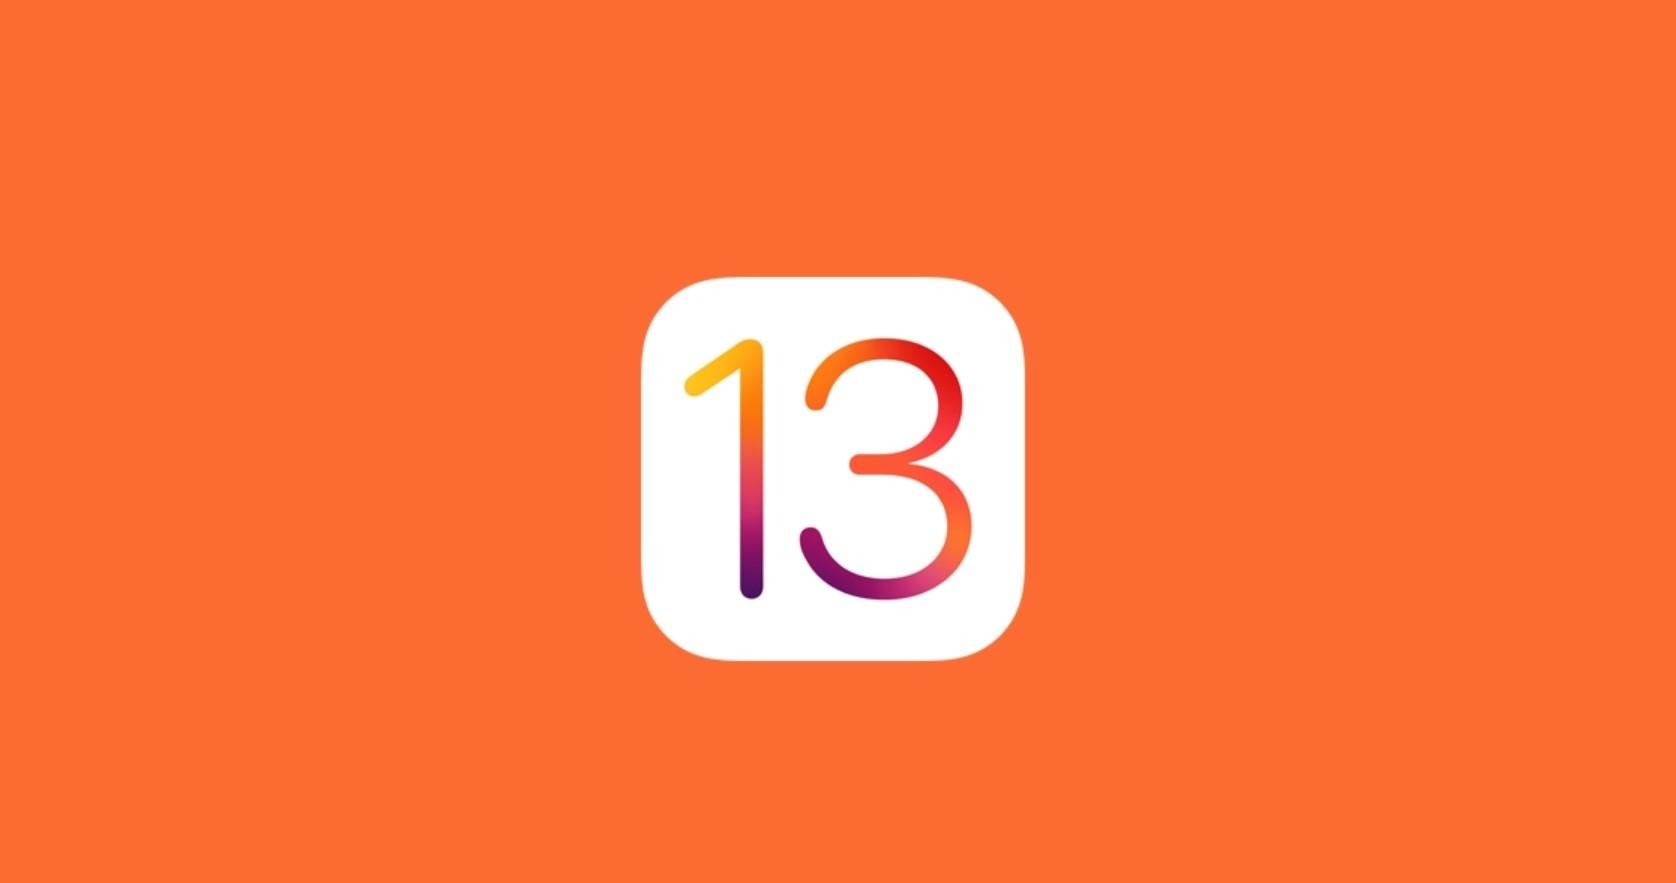 Co nového přináší druhá beta verze iOS 13